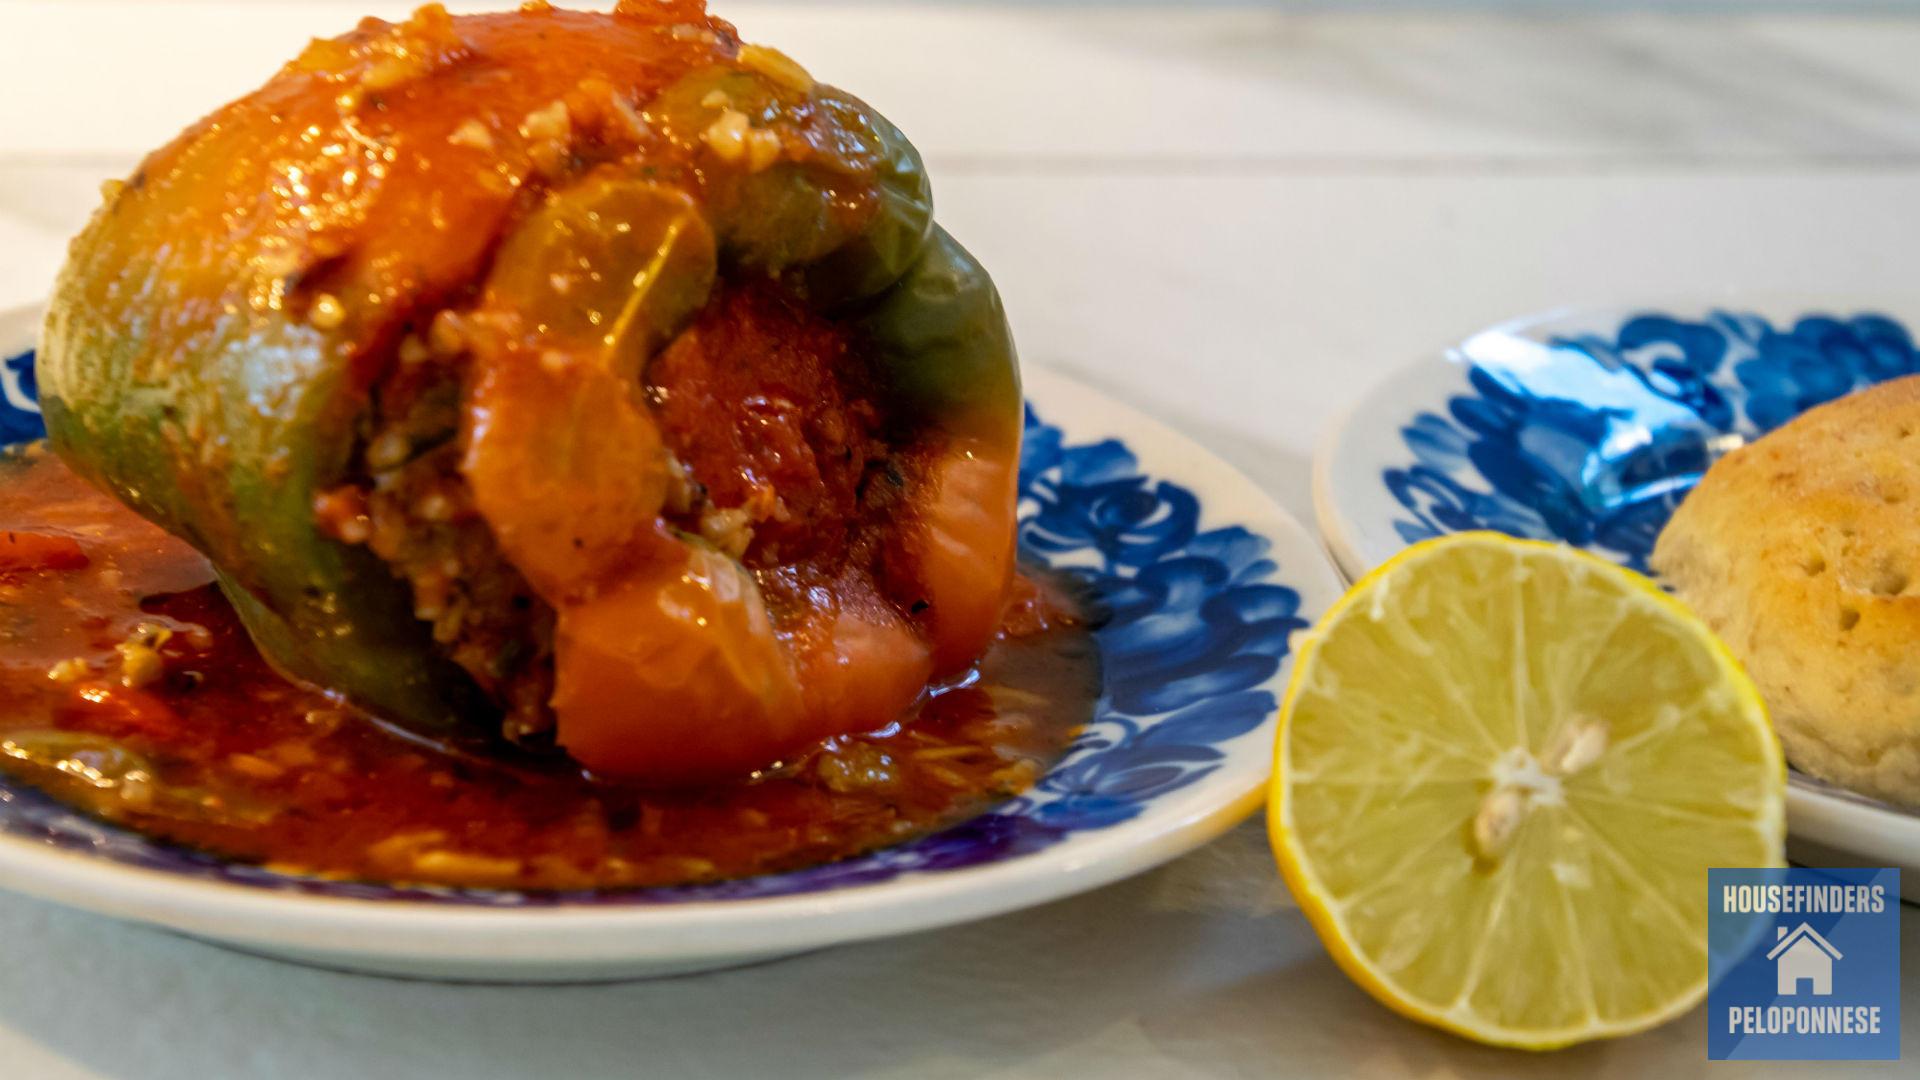 grekiska matratter gemista fyllda paprikor tomater